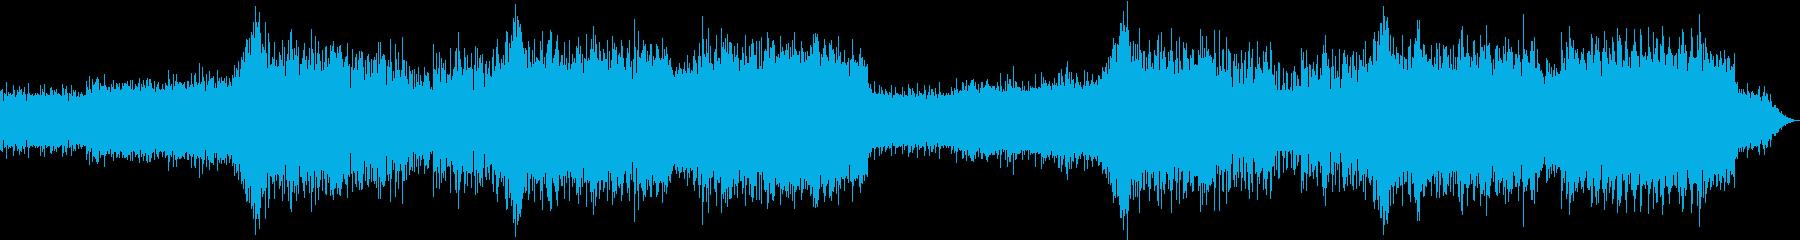 ベースが特徴のHipHopの再生済みの波形